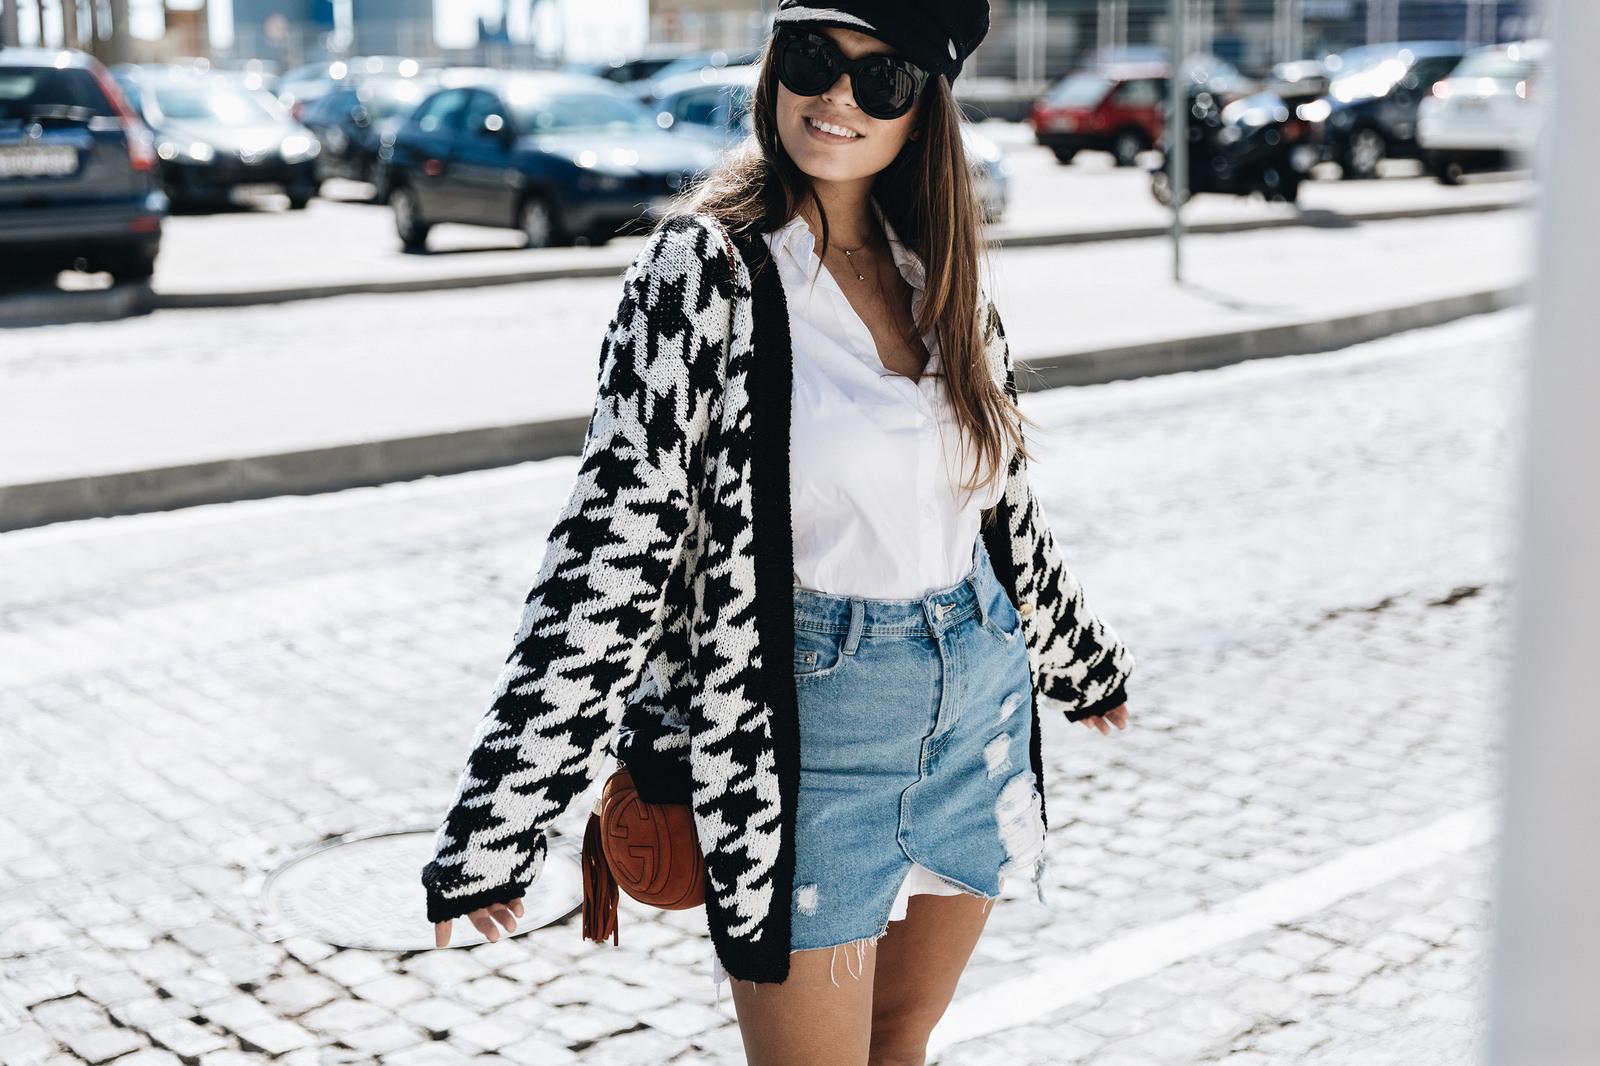 Porady stylisty: Co nosić w długi weekend * ponad 30 ciekawych stylizacji casualowych